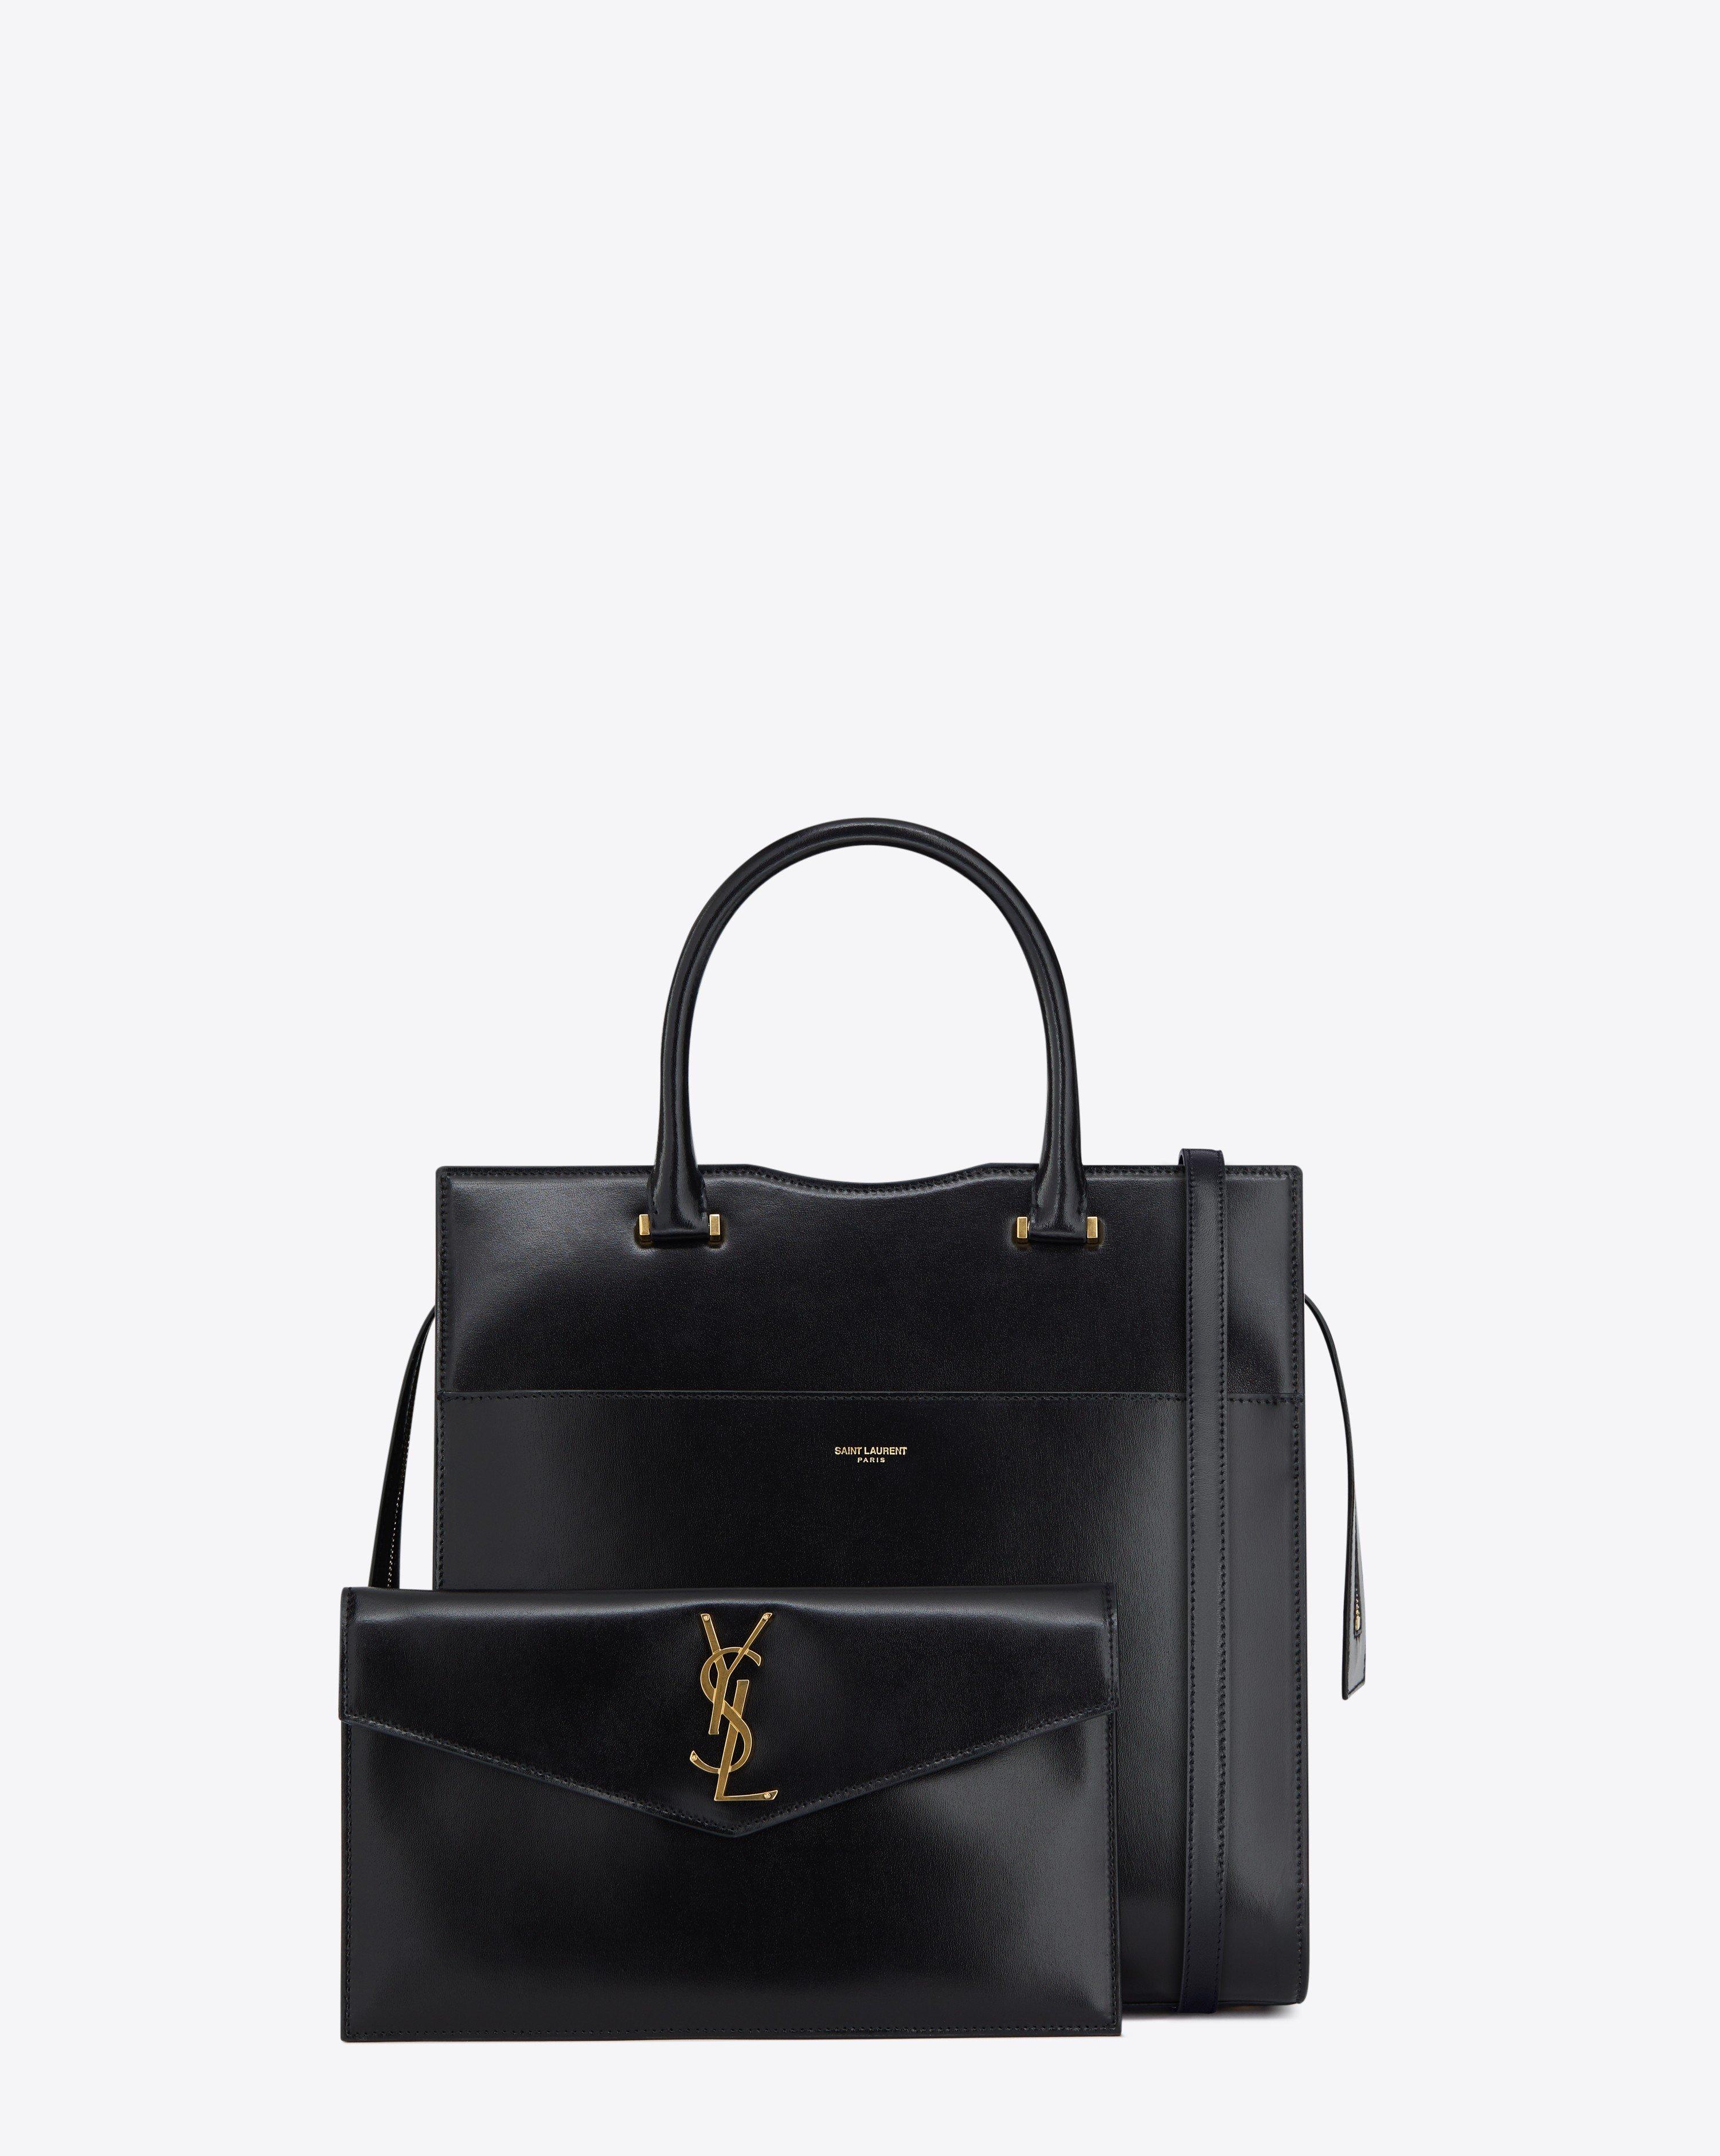 9c94c3d03176 STYLE Edit  Saint Laurent s new bags channel uptown elegance